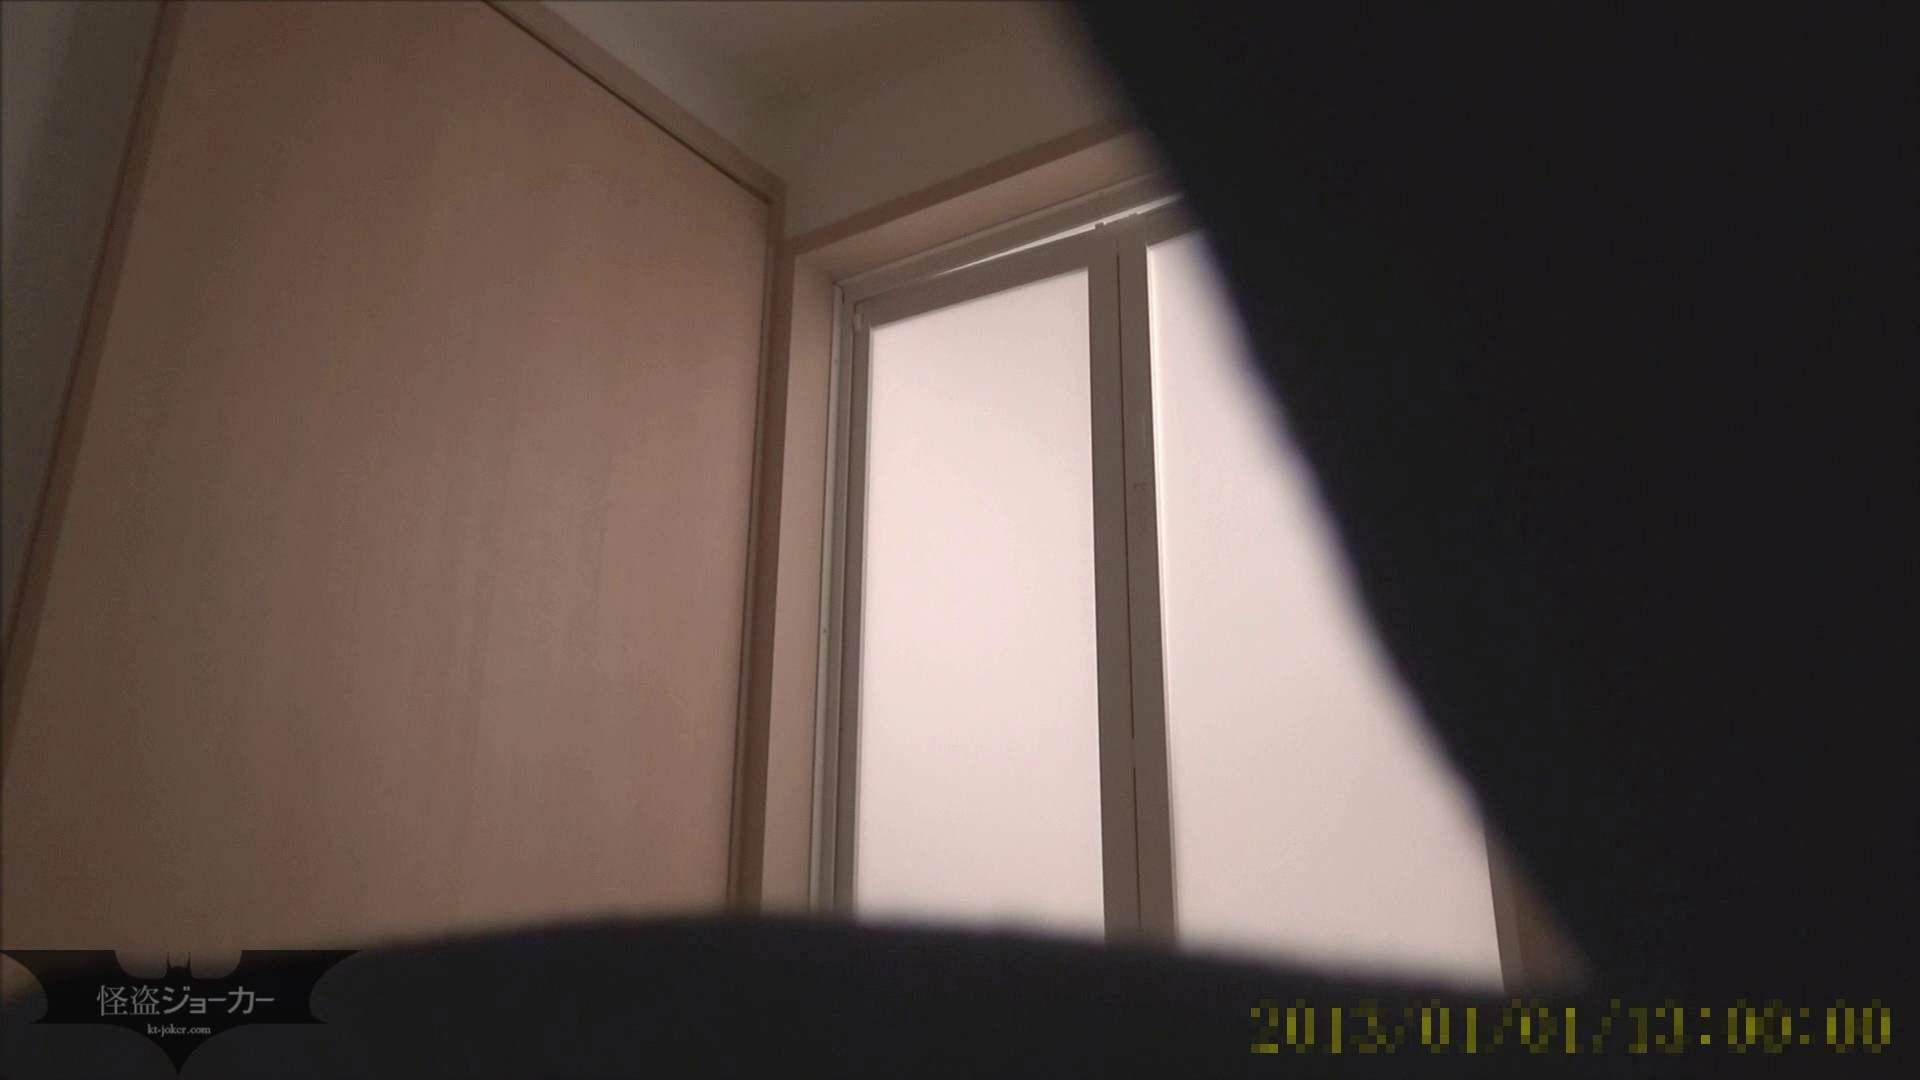 【未公開】vol.103  {黒髪→茶髪ボブに変身}美巨乳アミちゃん④【前編】 高画質 セックス画像 92画像 75